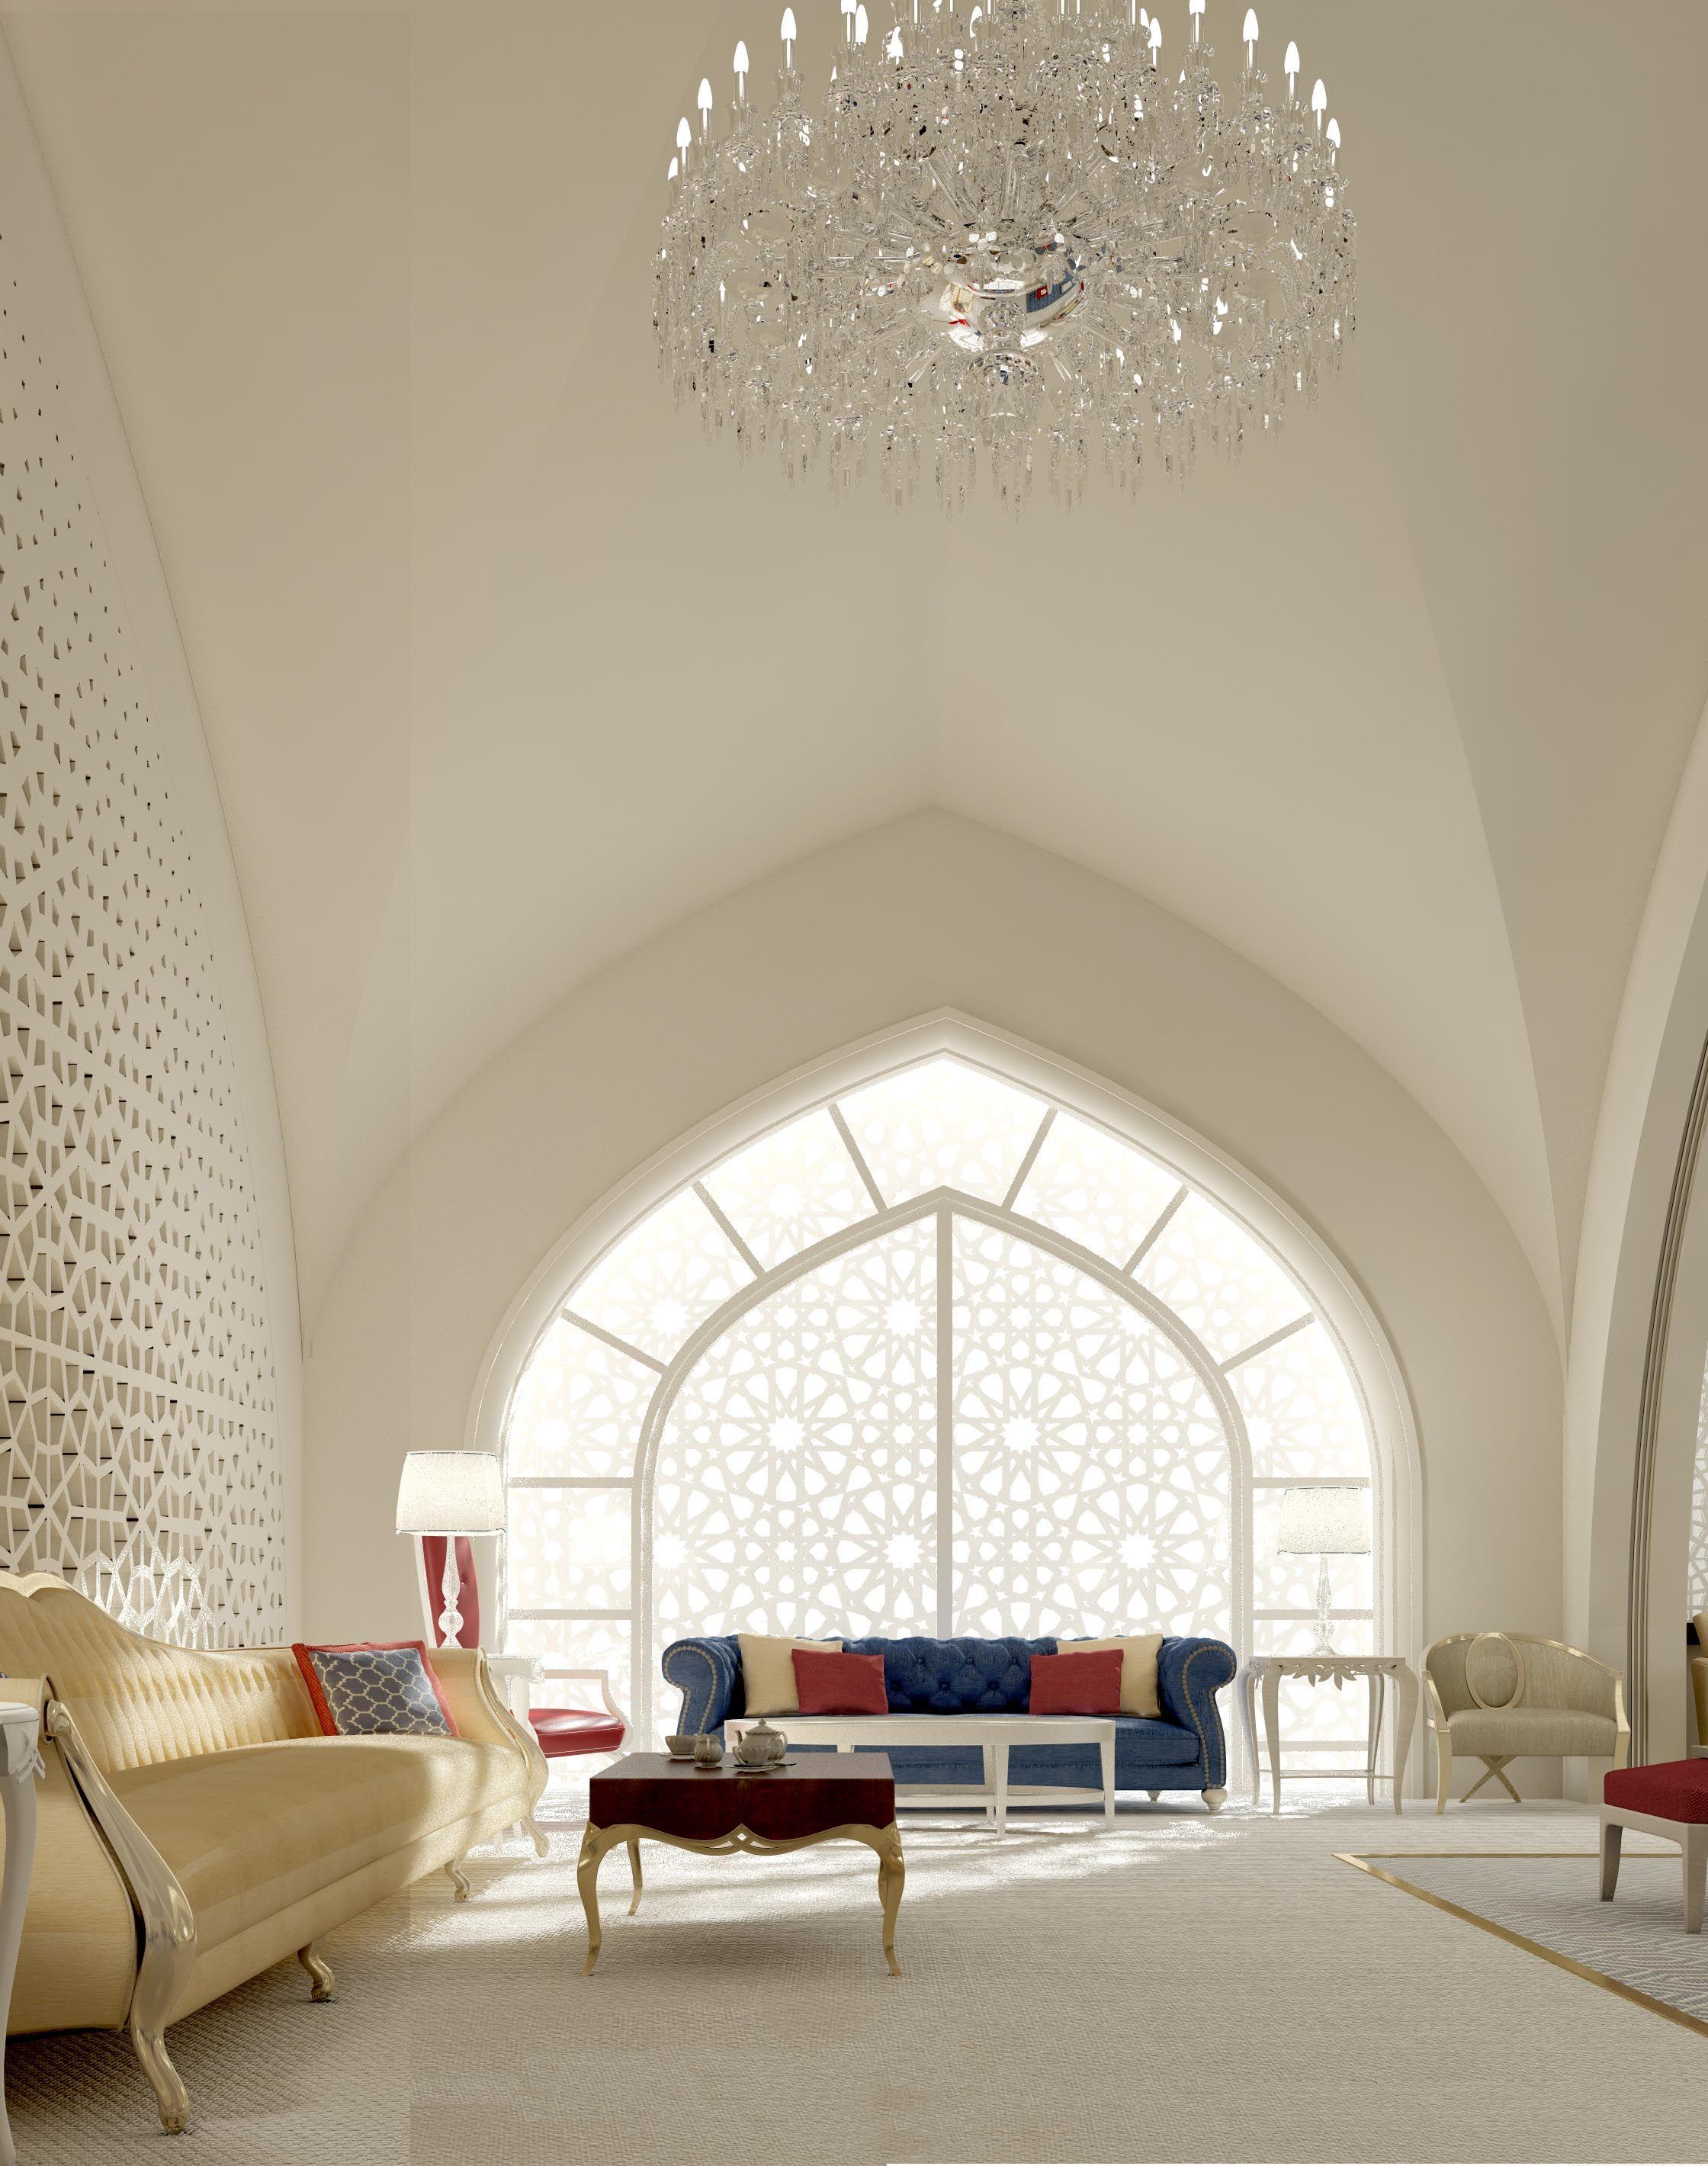 Mimar interiors moroccan design moroccan decor moroccan style tv decor decor ideas